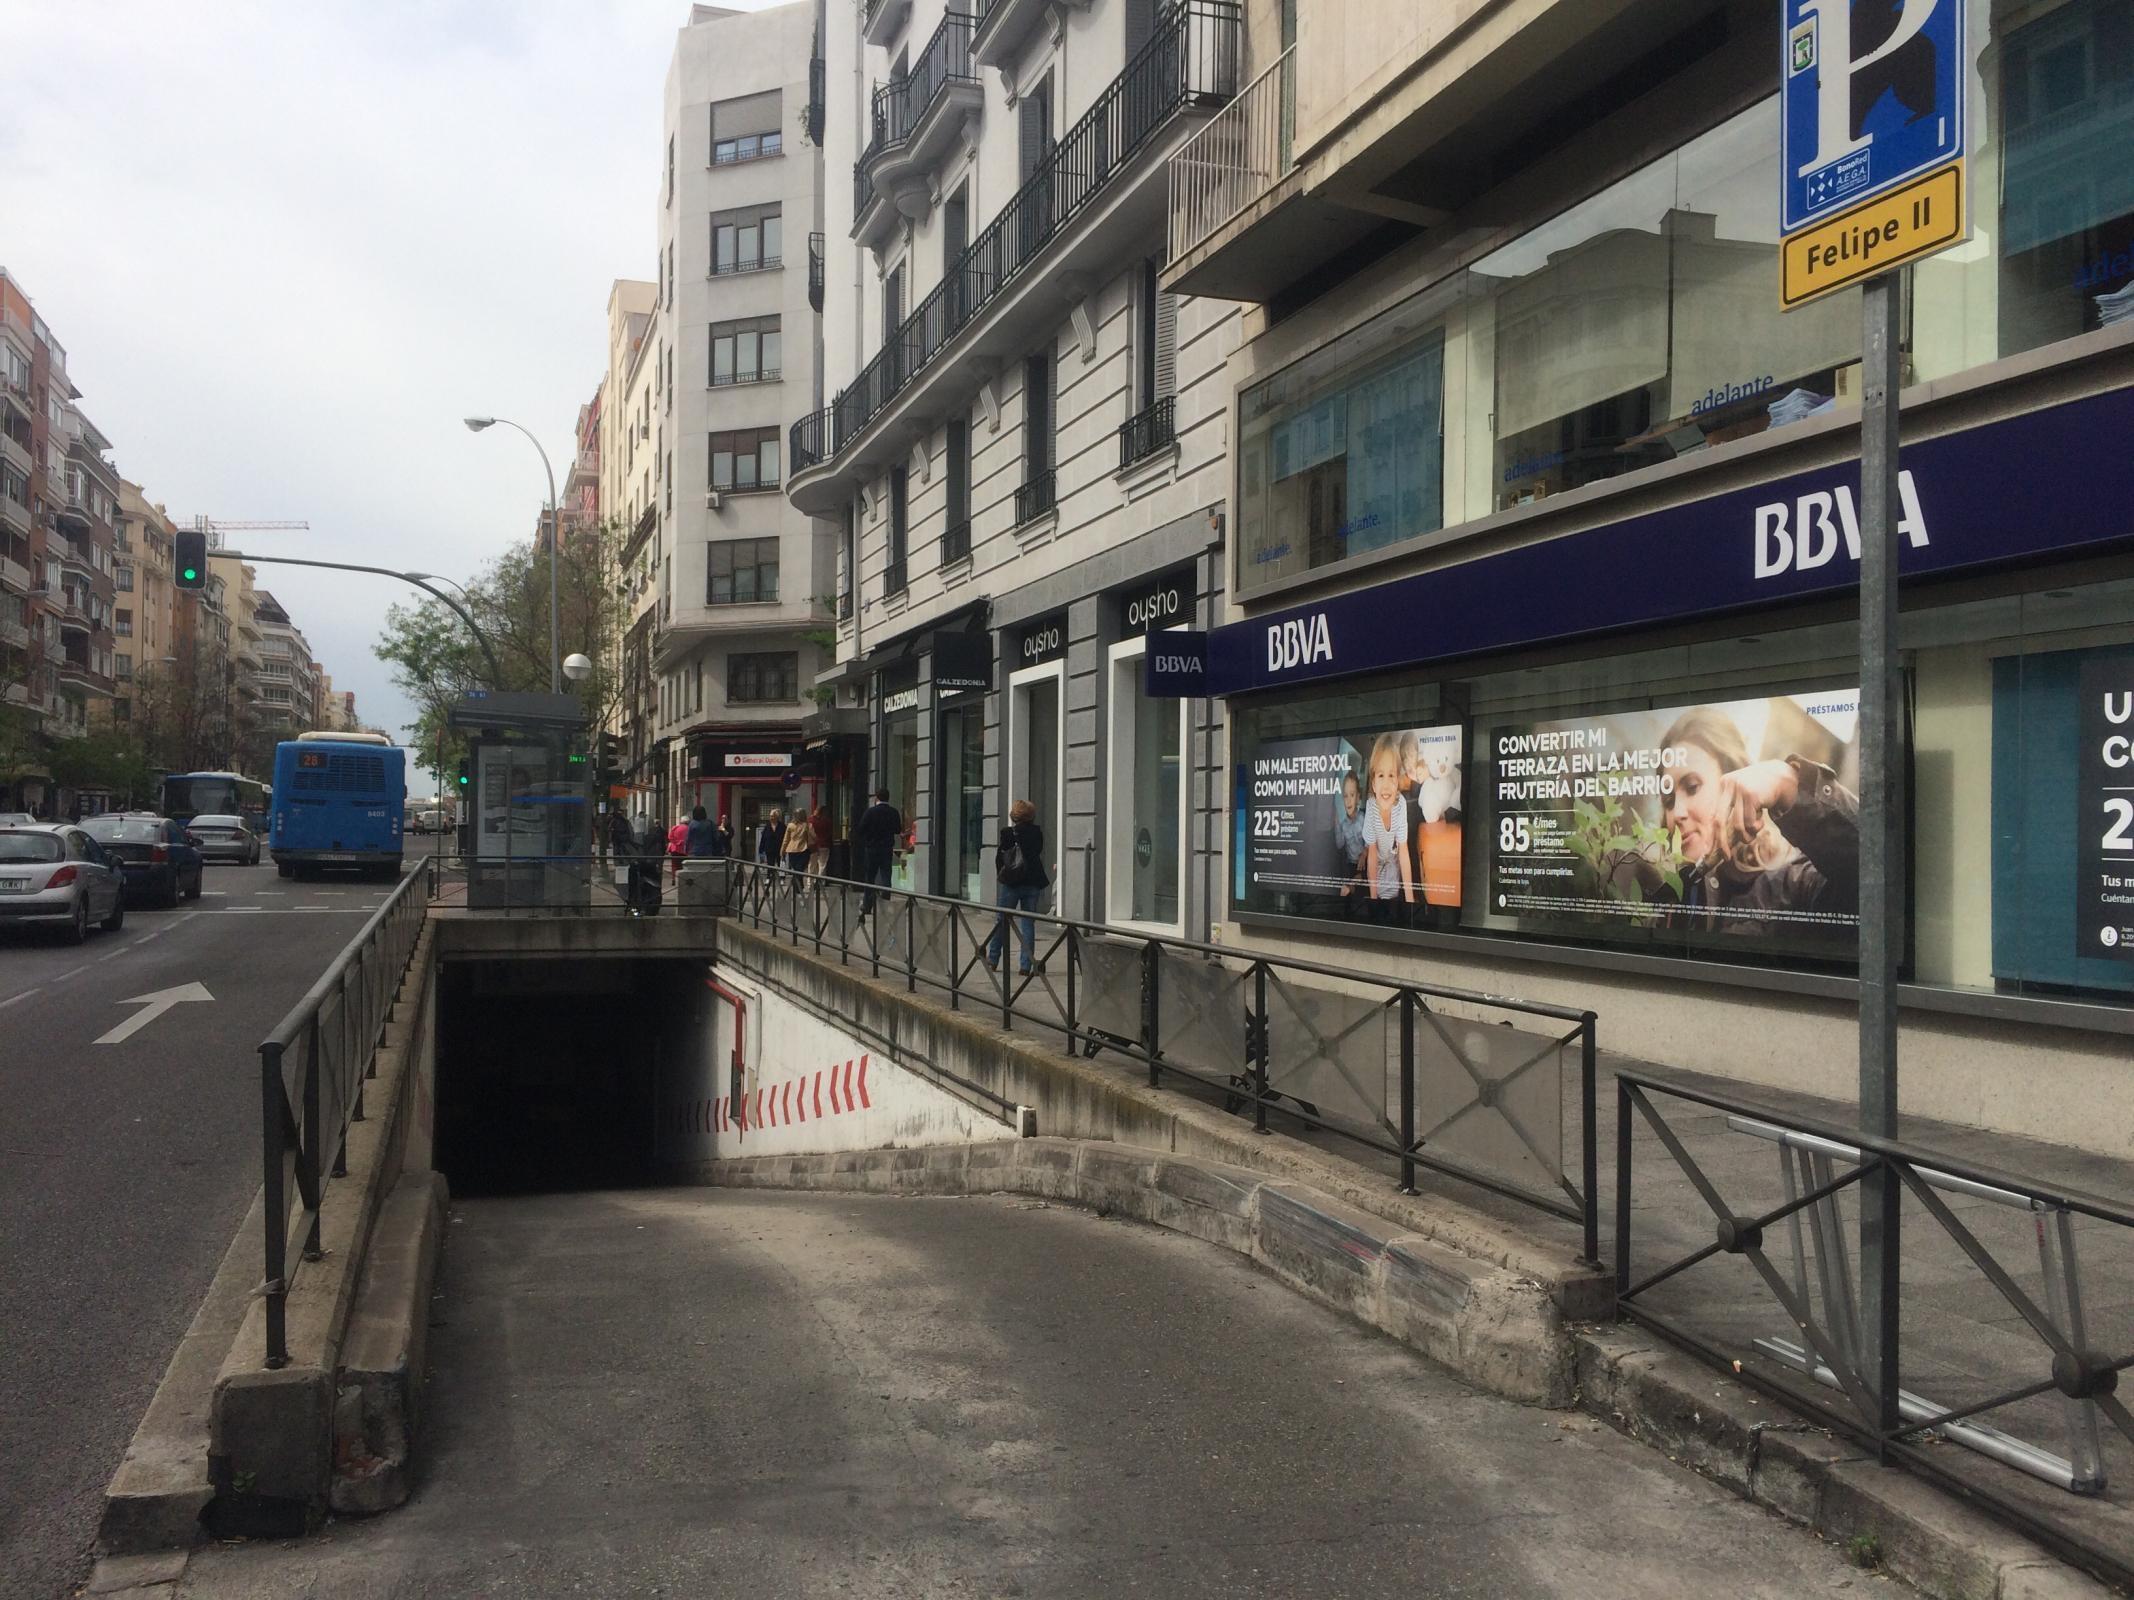 Felipe Ii Parking In Madrid Parkme